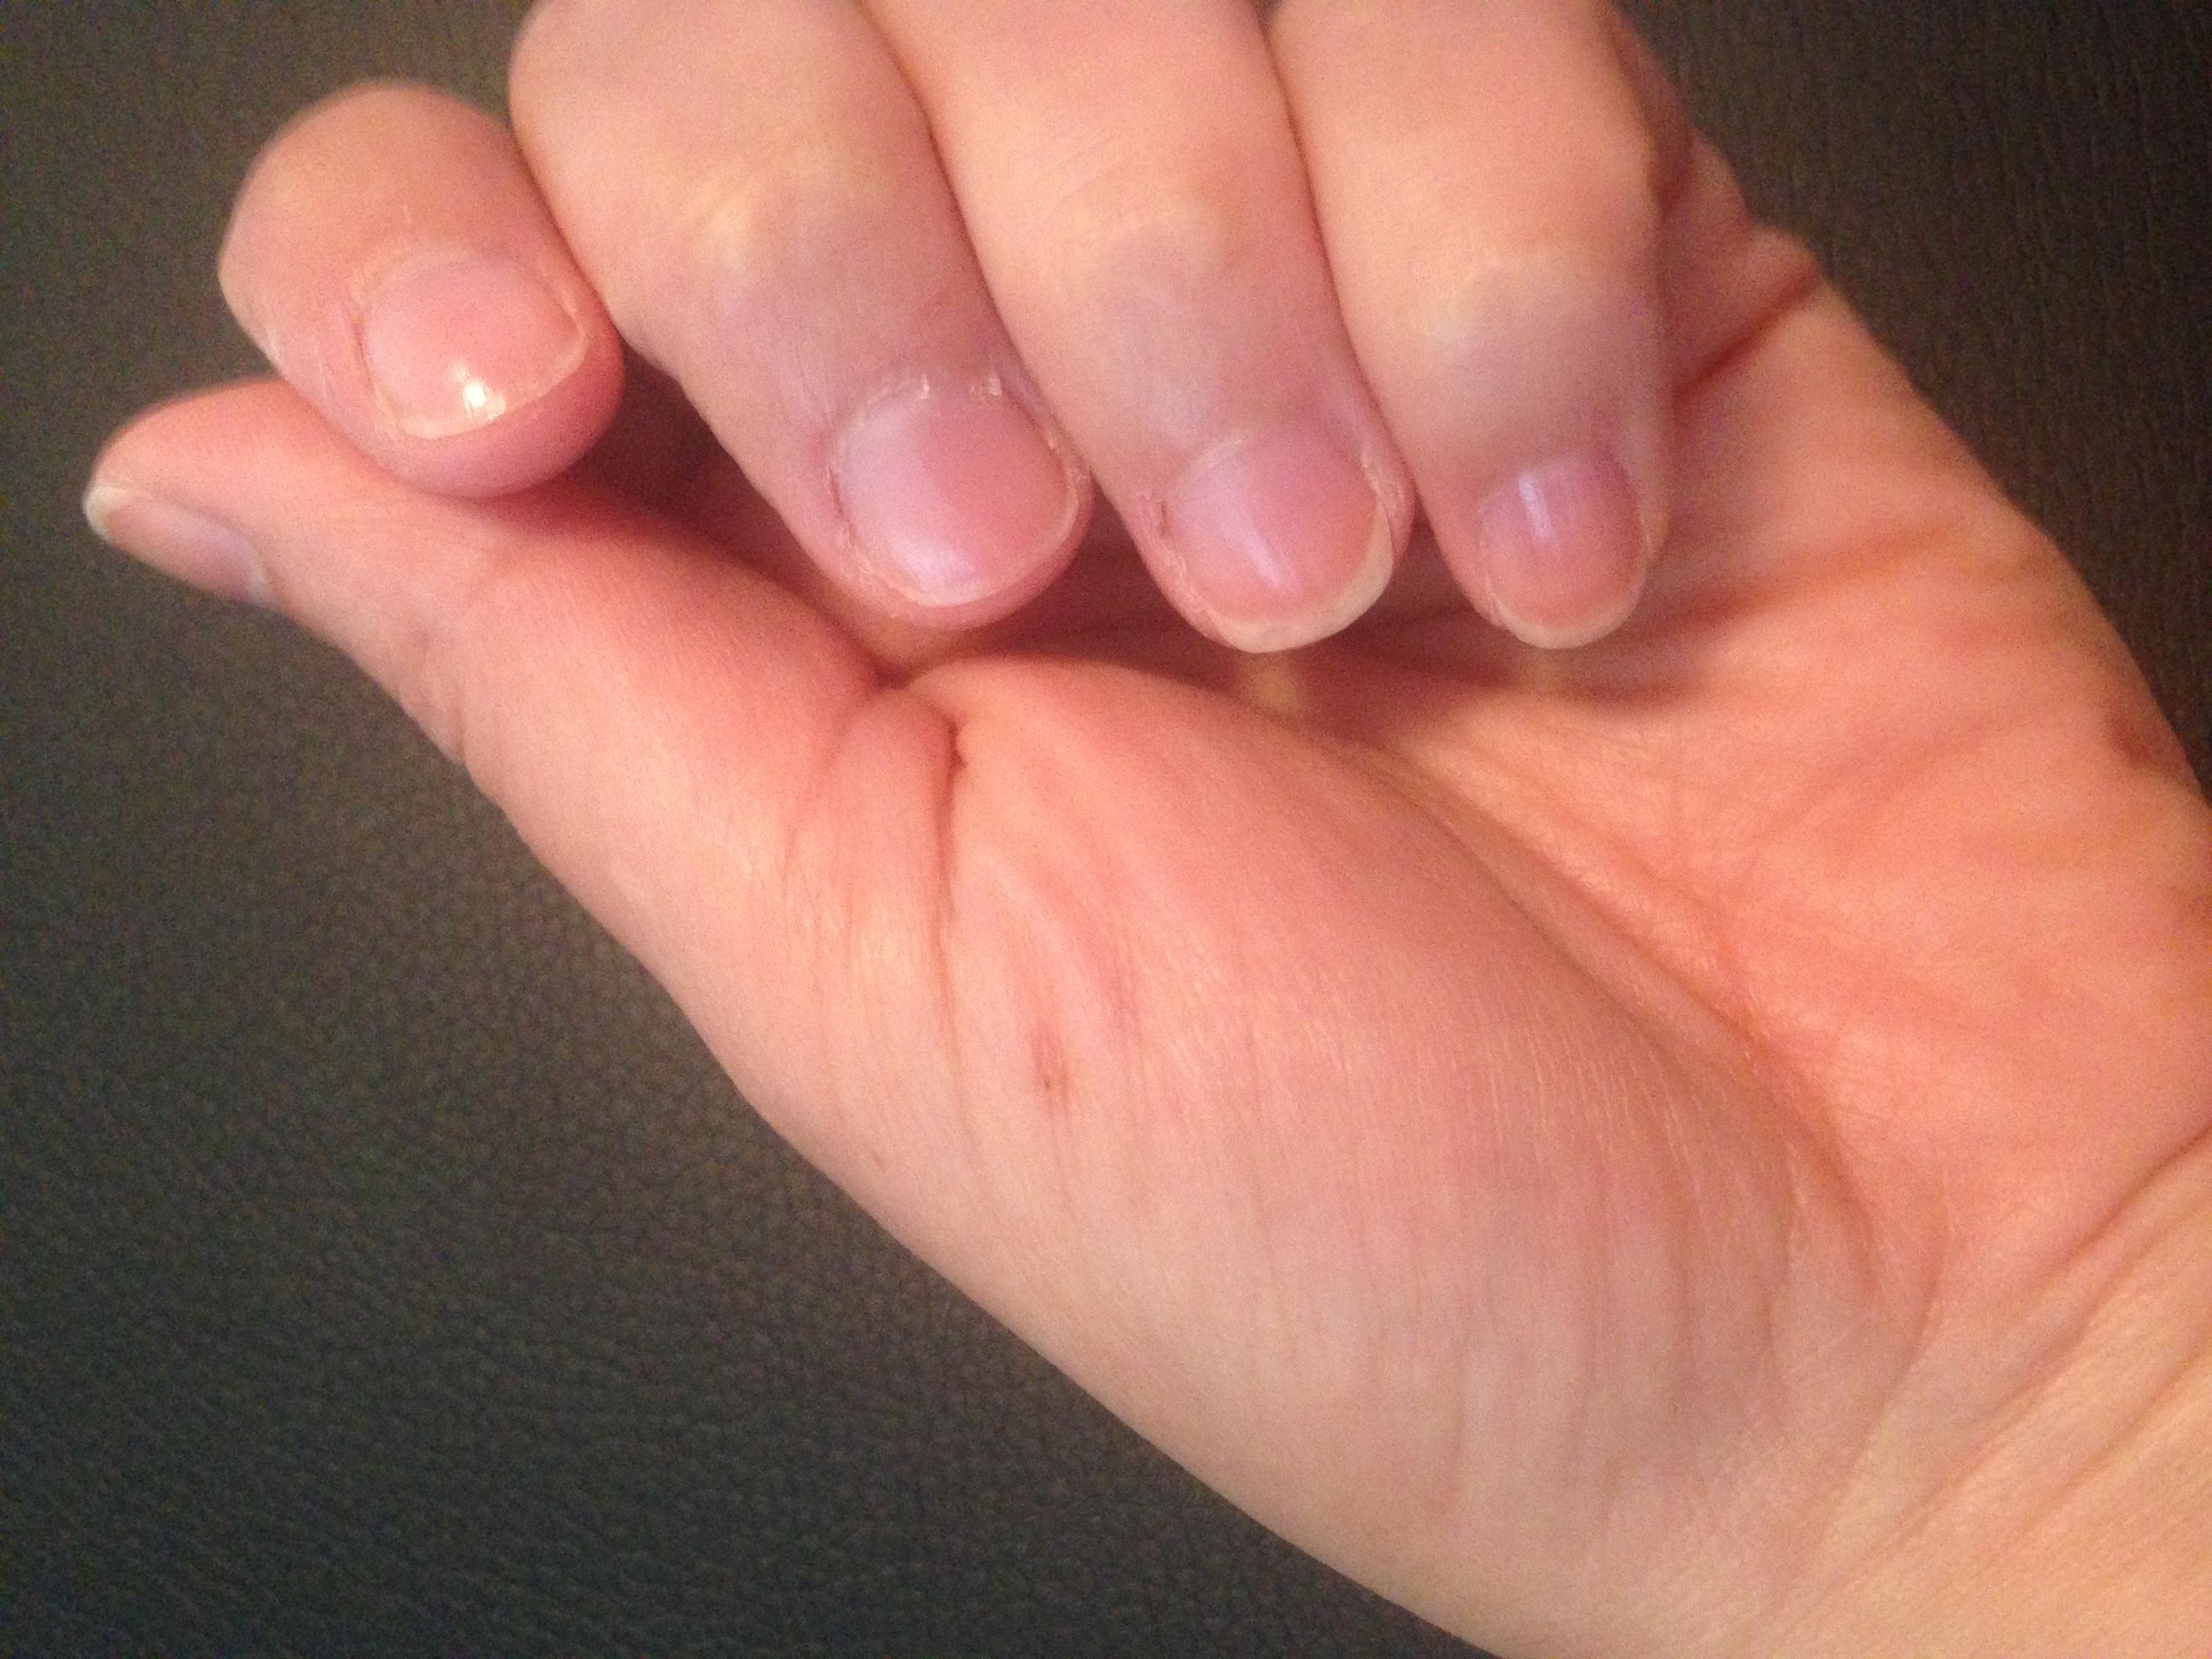 Mein freitagsvergleich: 3 nagellack trockner magazin perfecthair.ch